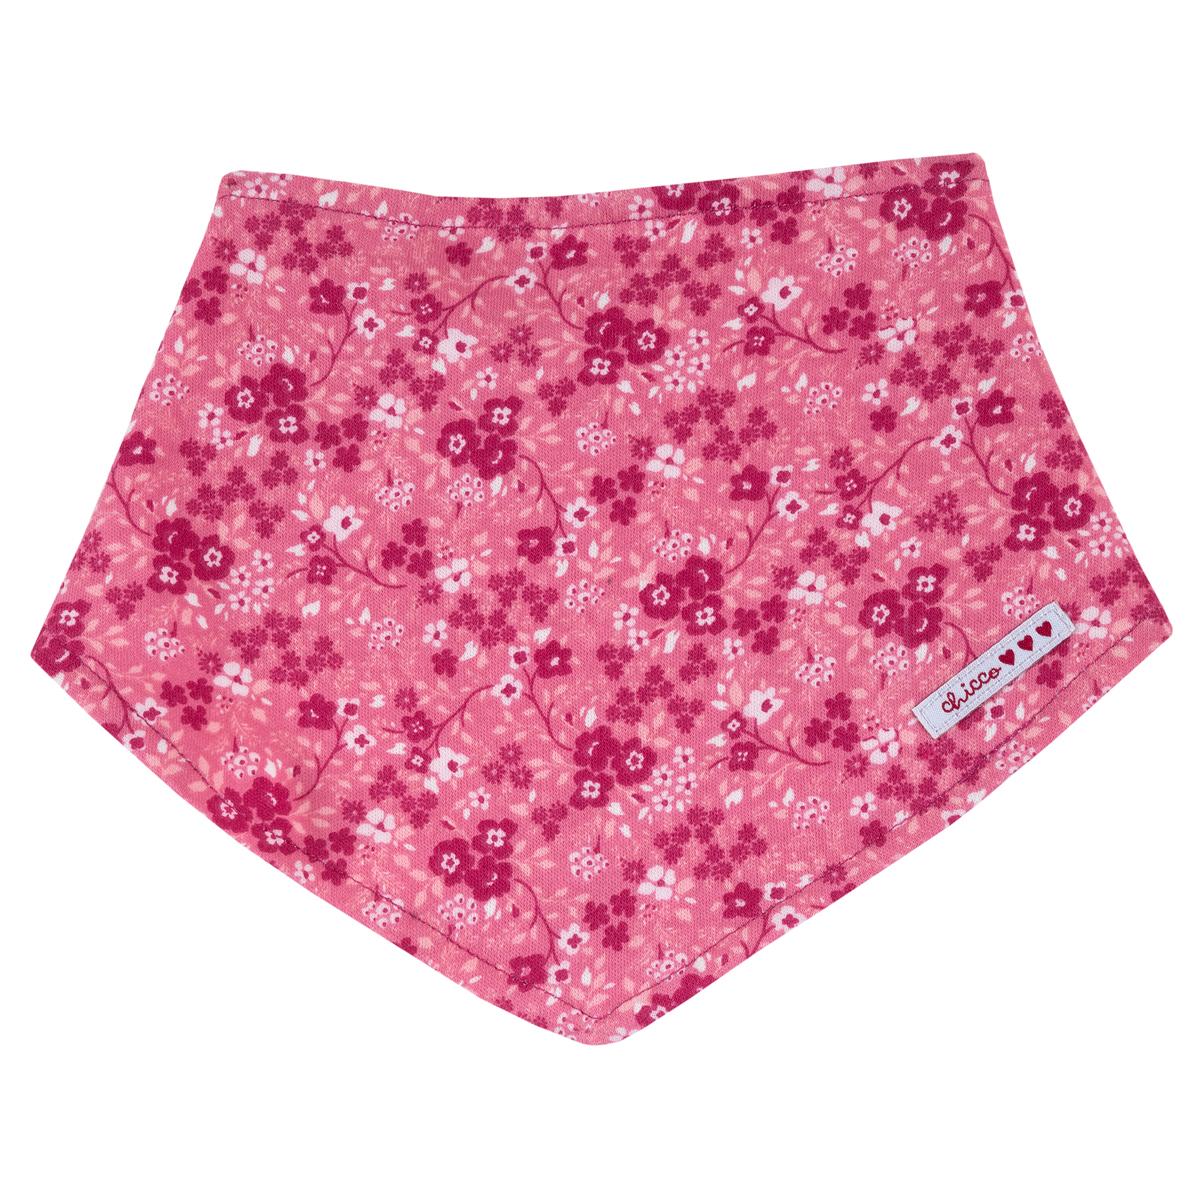 Baveta copii Chicco, roz cu imprimeu floral, 32725